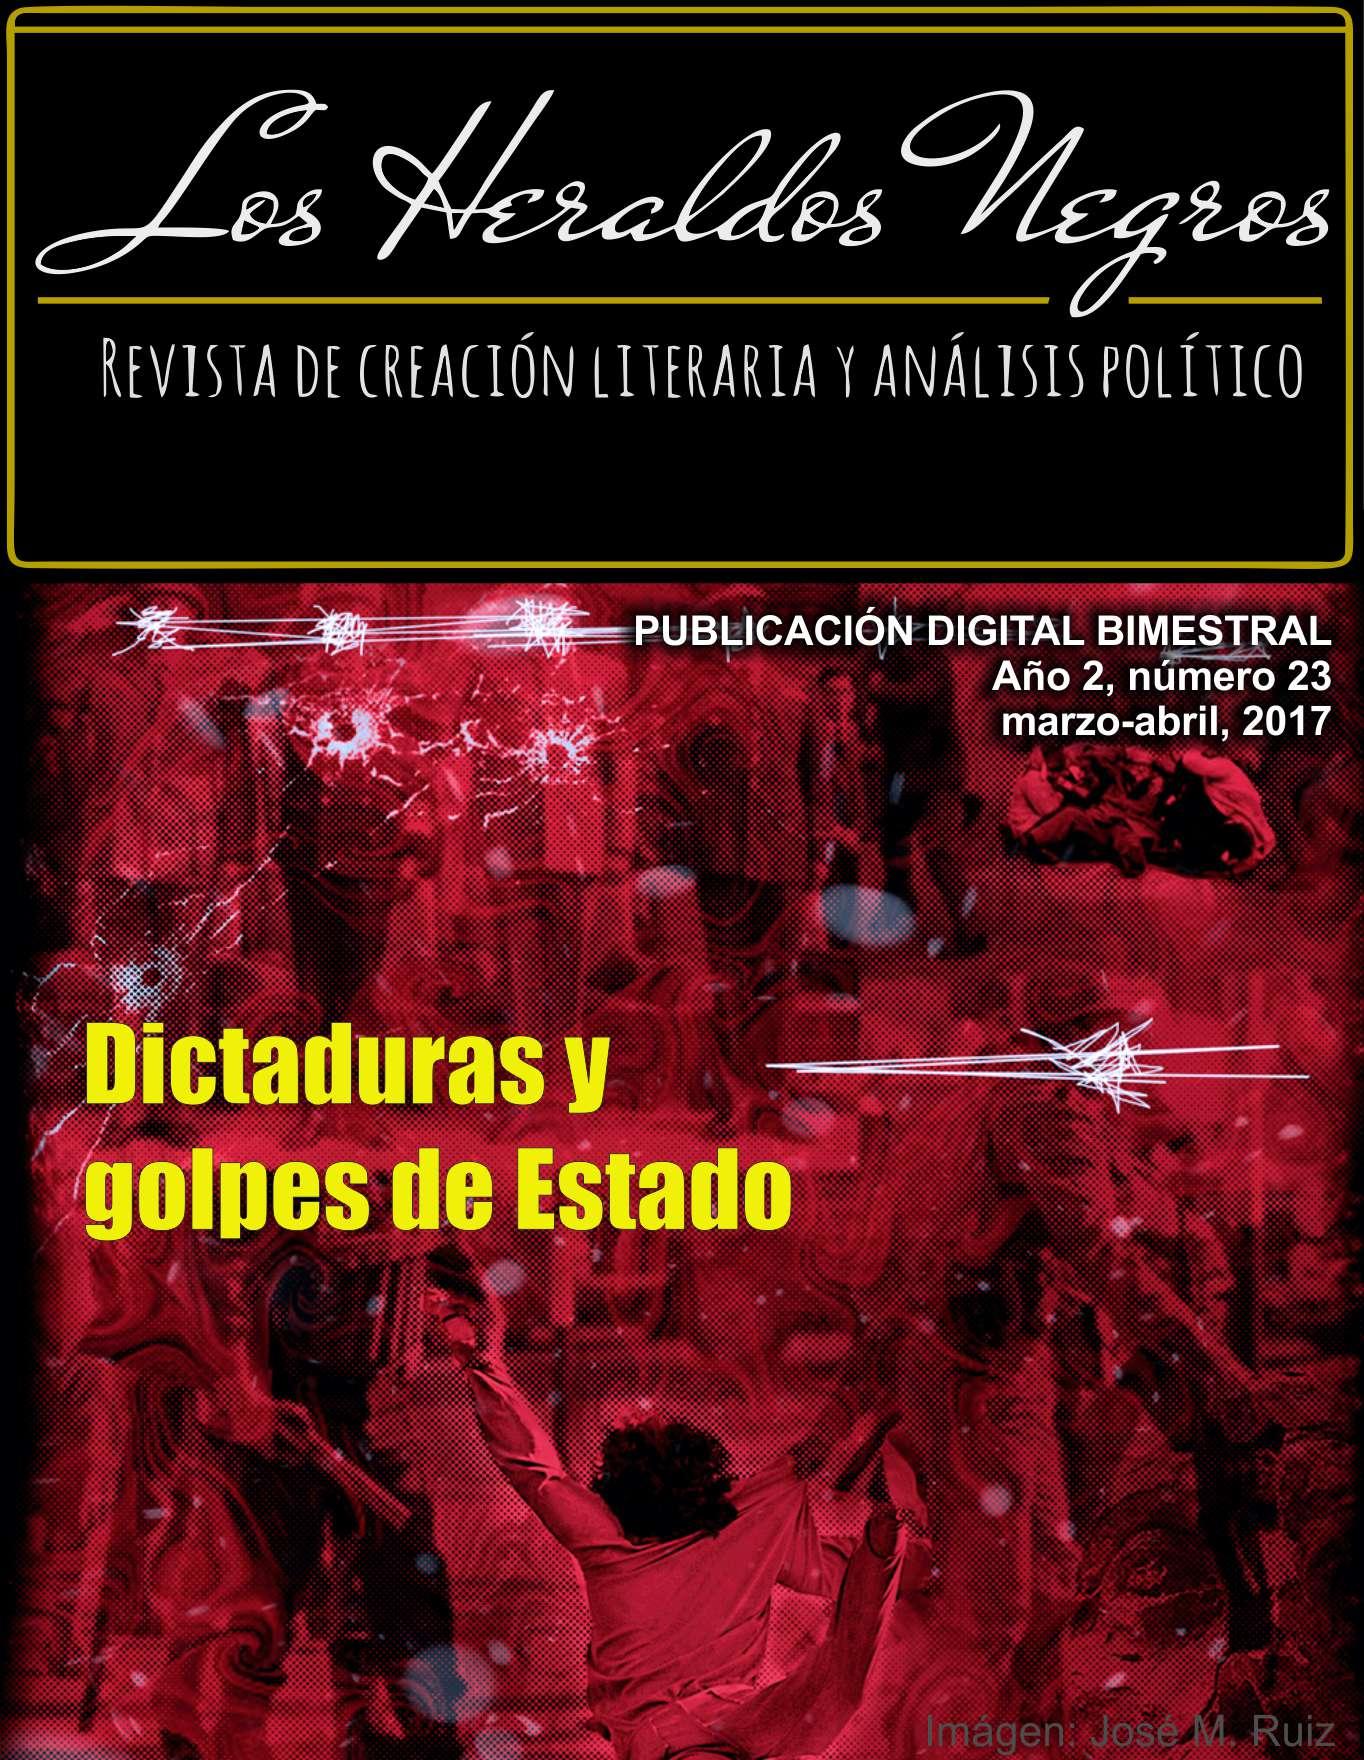 Dictaduras y golpes de Estado #23